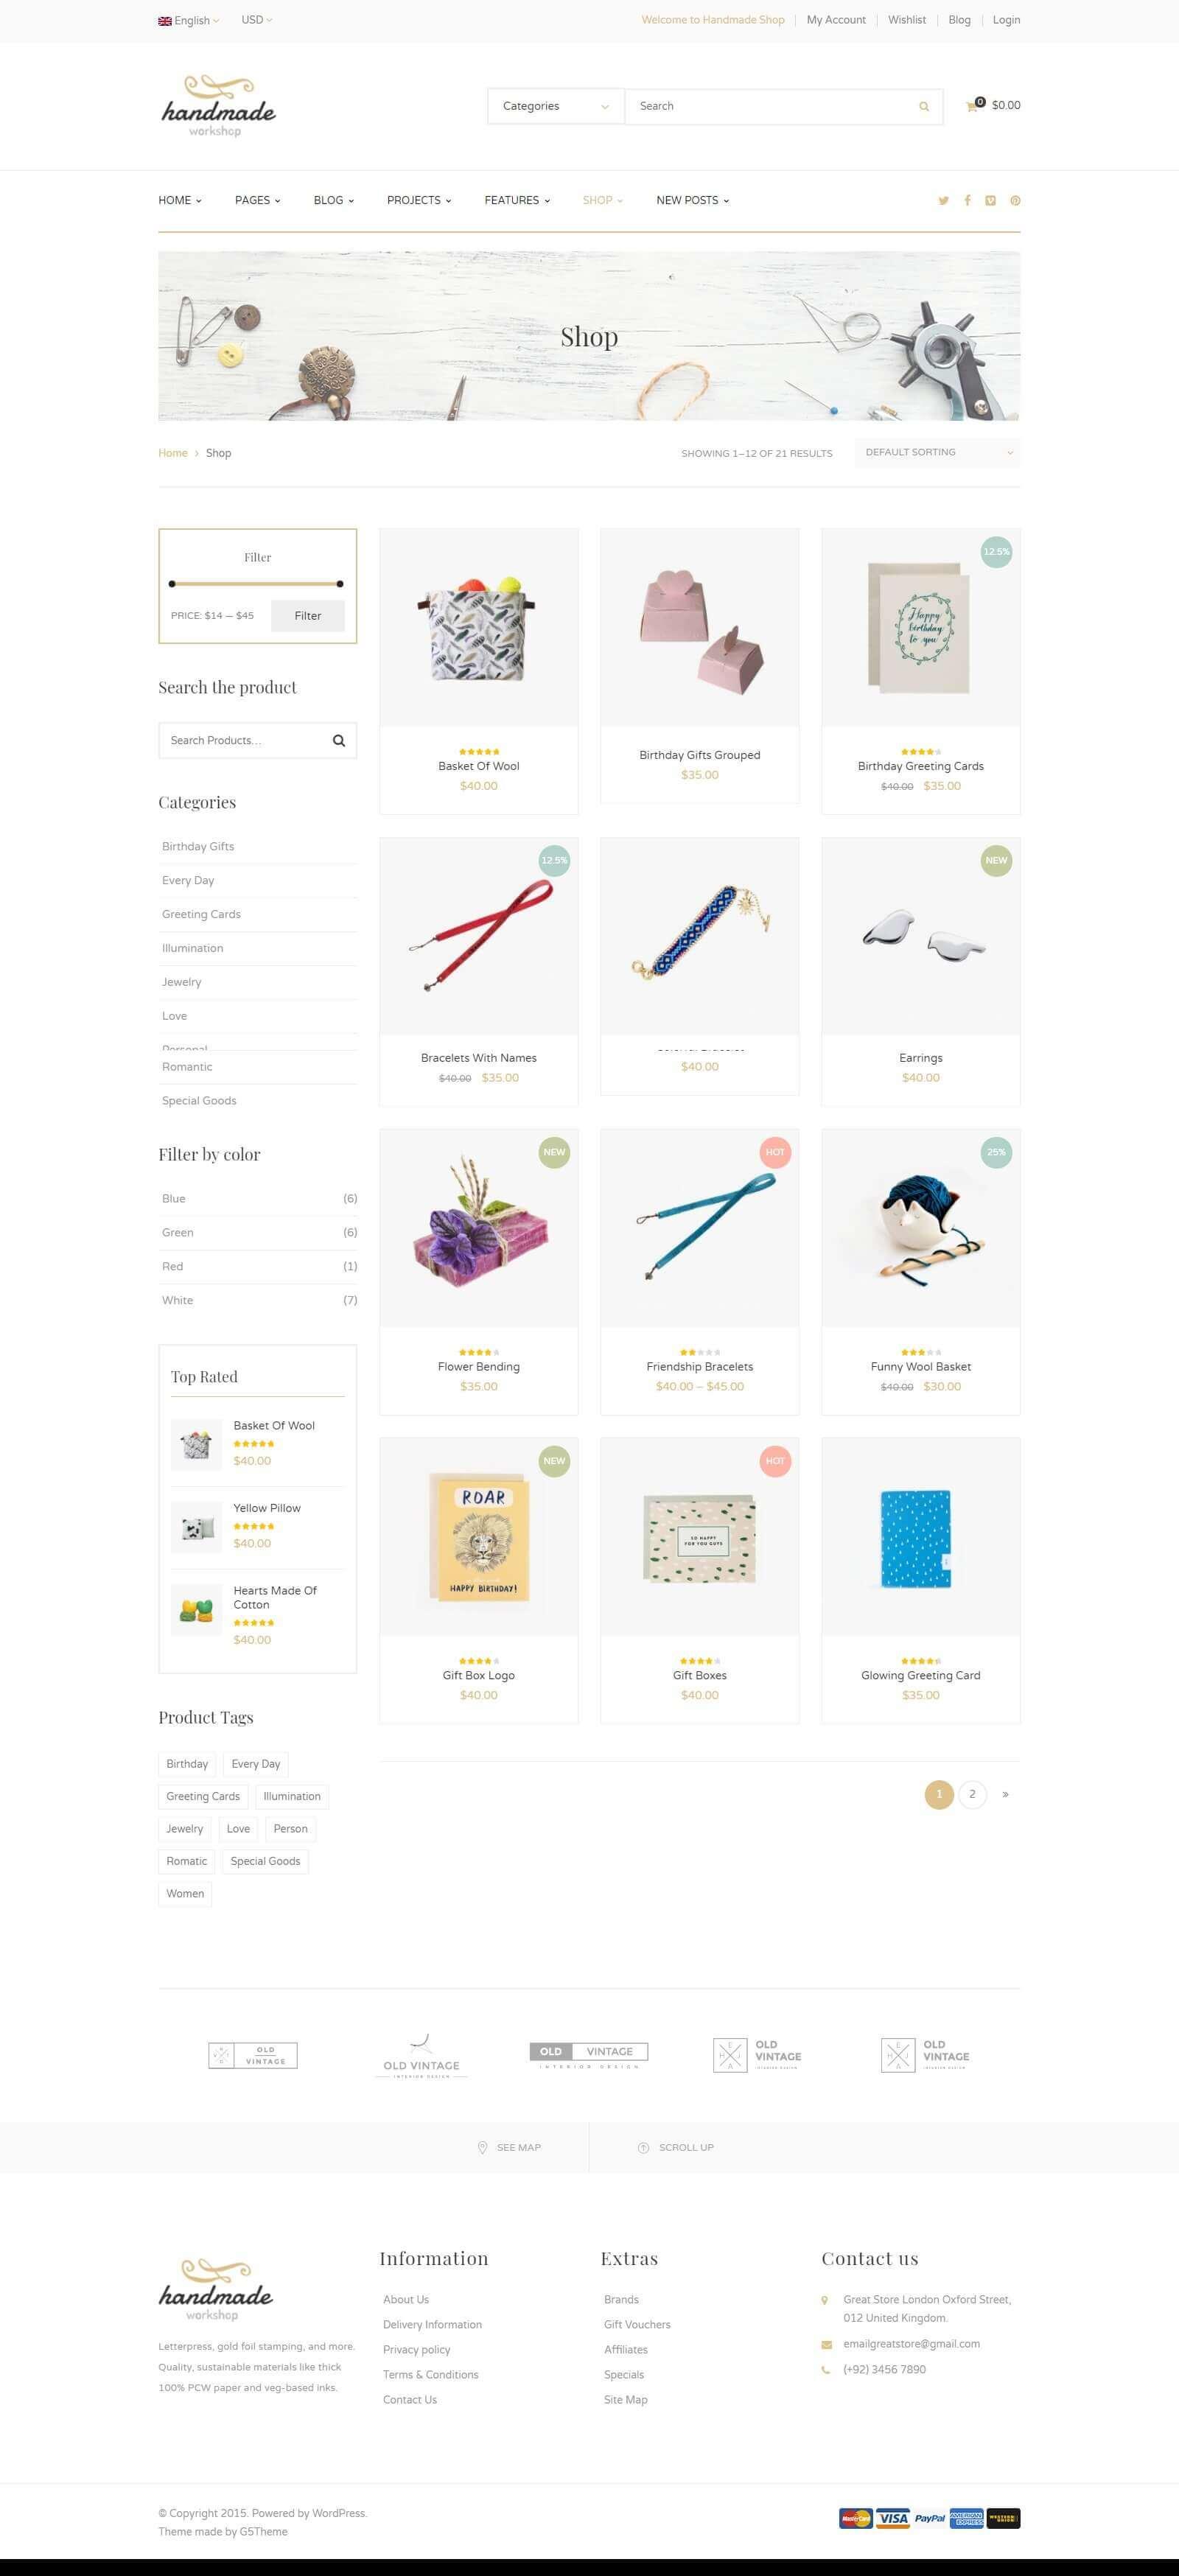 Các module, tính năng của mẫu website bán hàng handmade